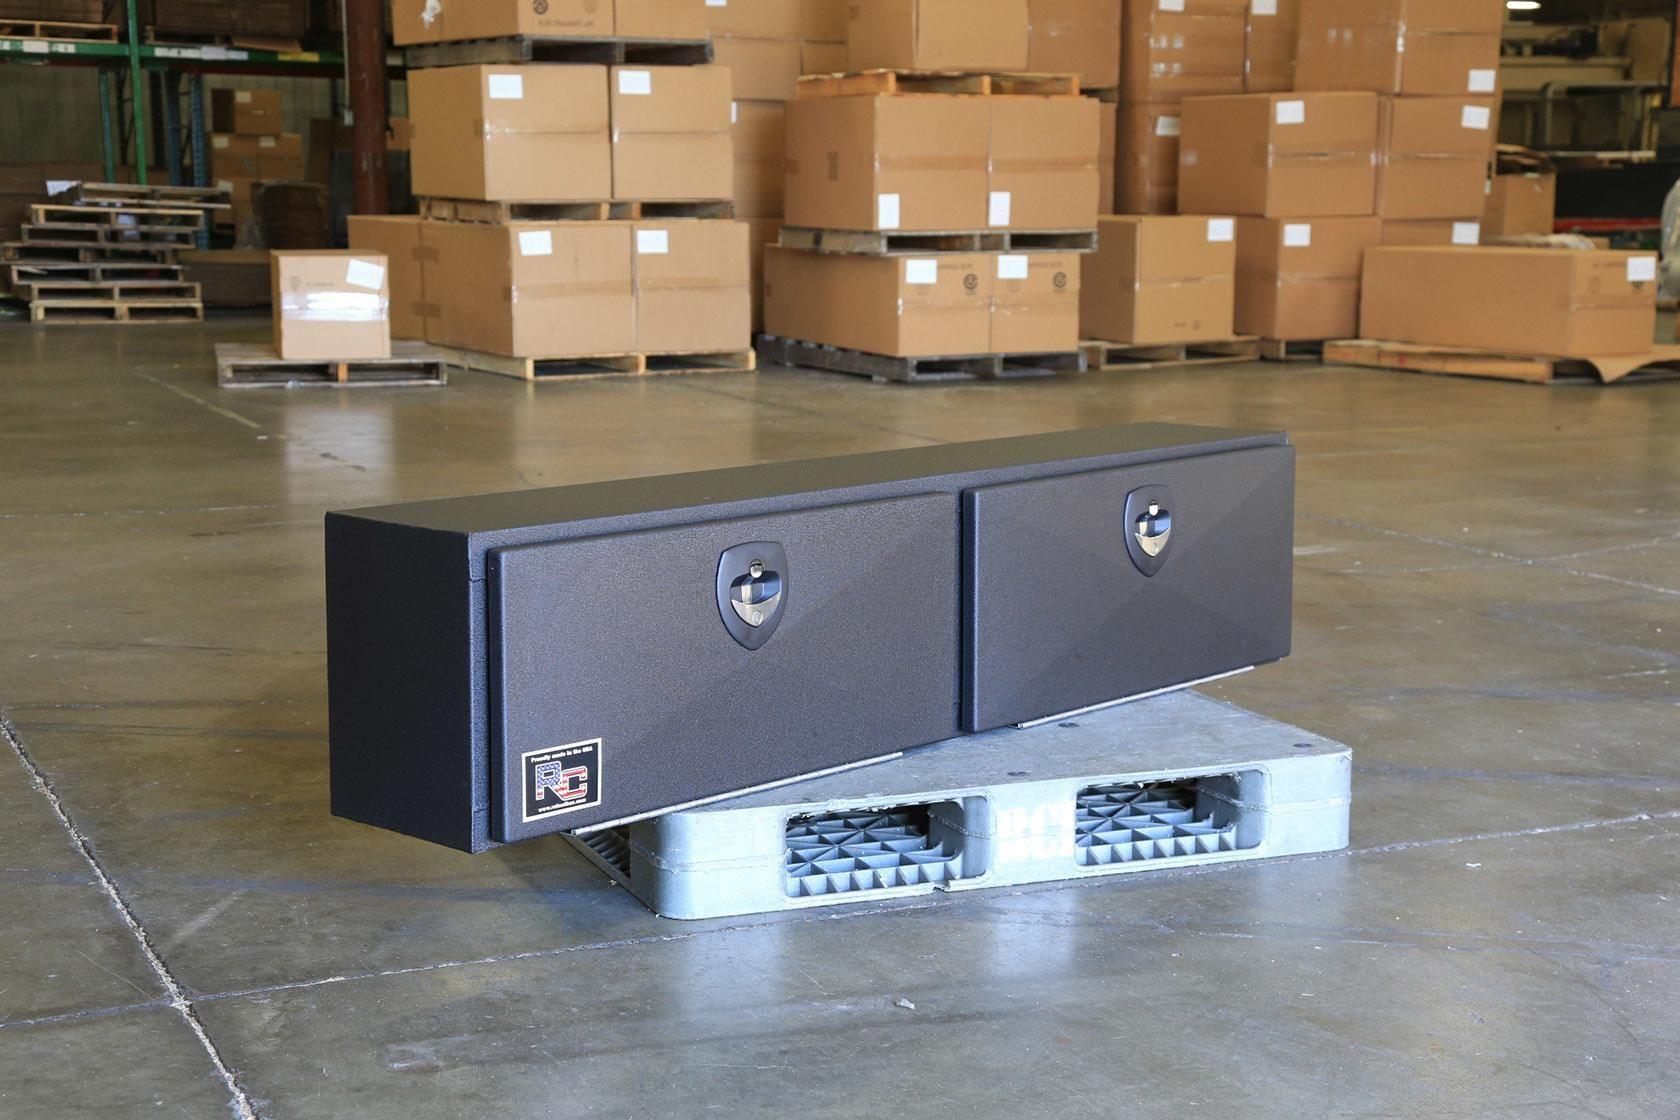 m series truck toolbox